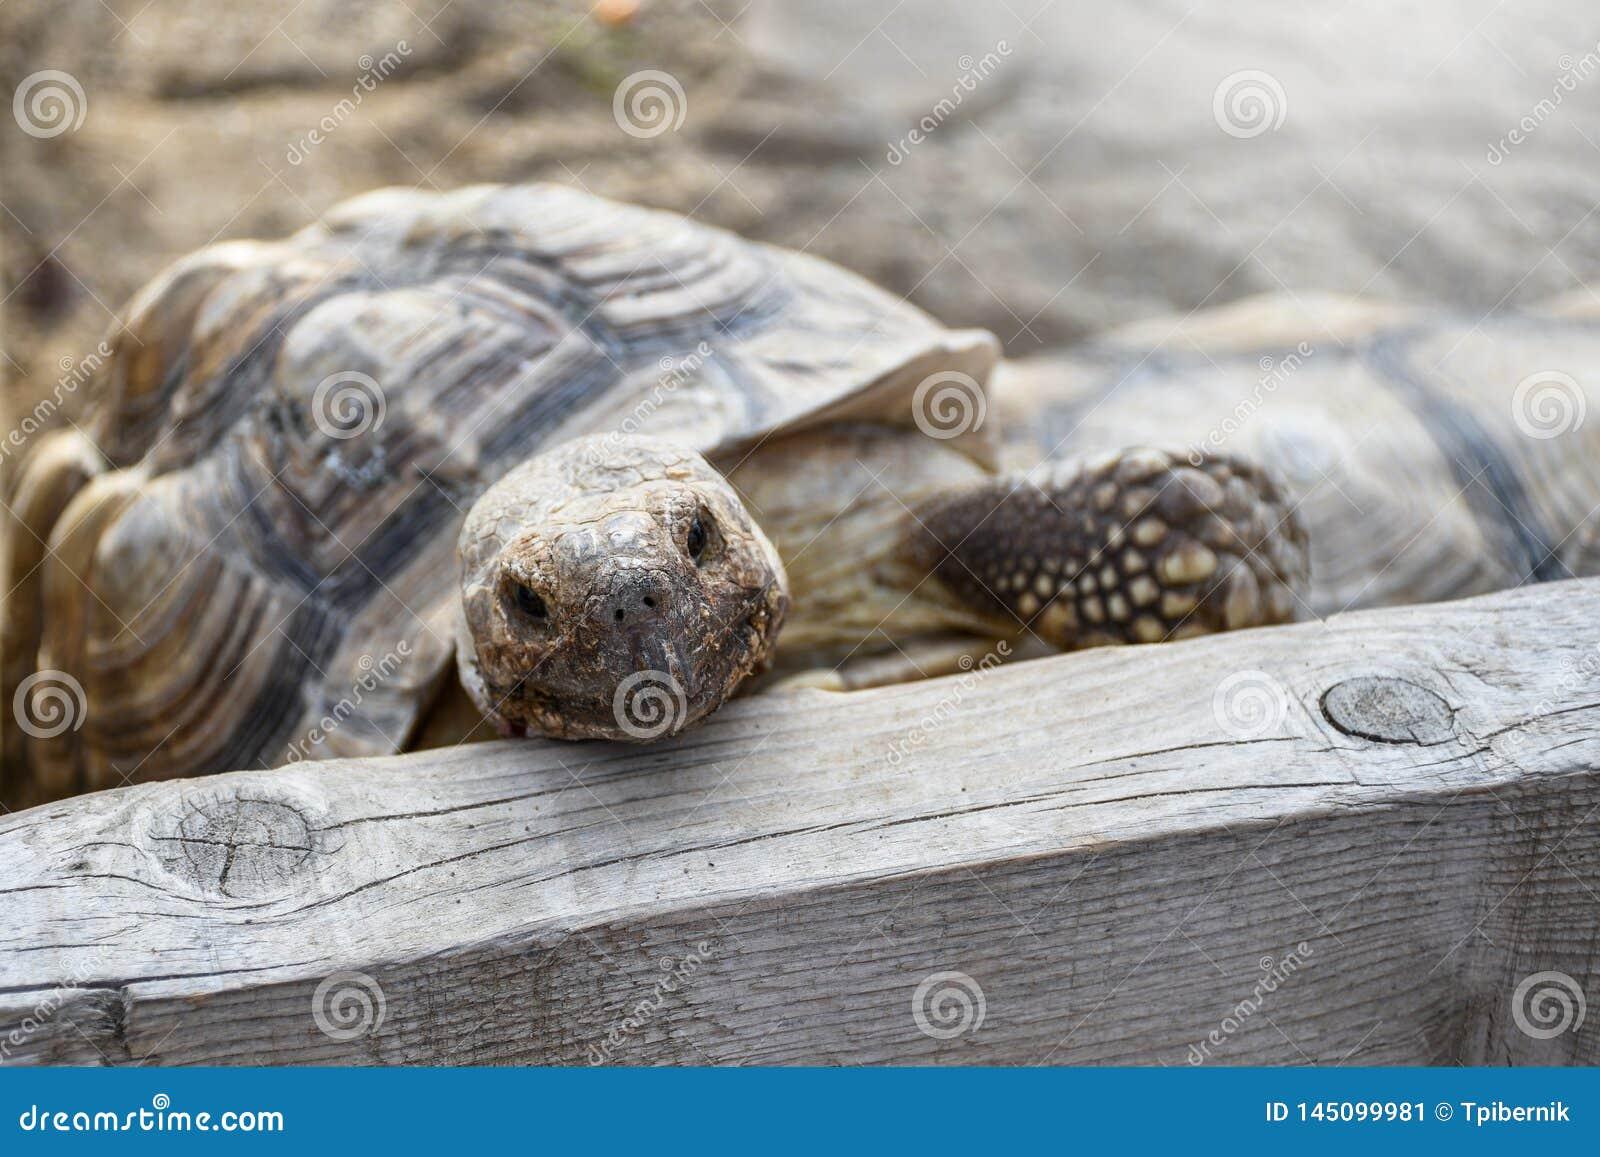 Pequeña tortuga de la tierra dentro de la cerca de madera en el patio trasero